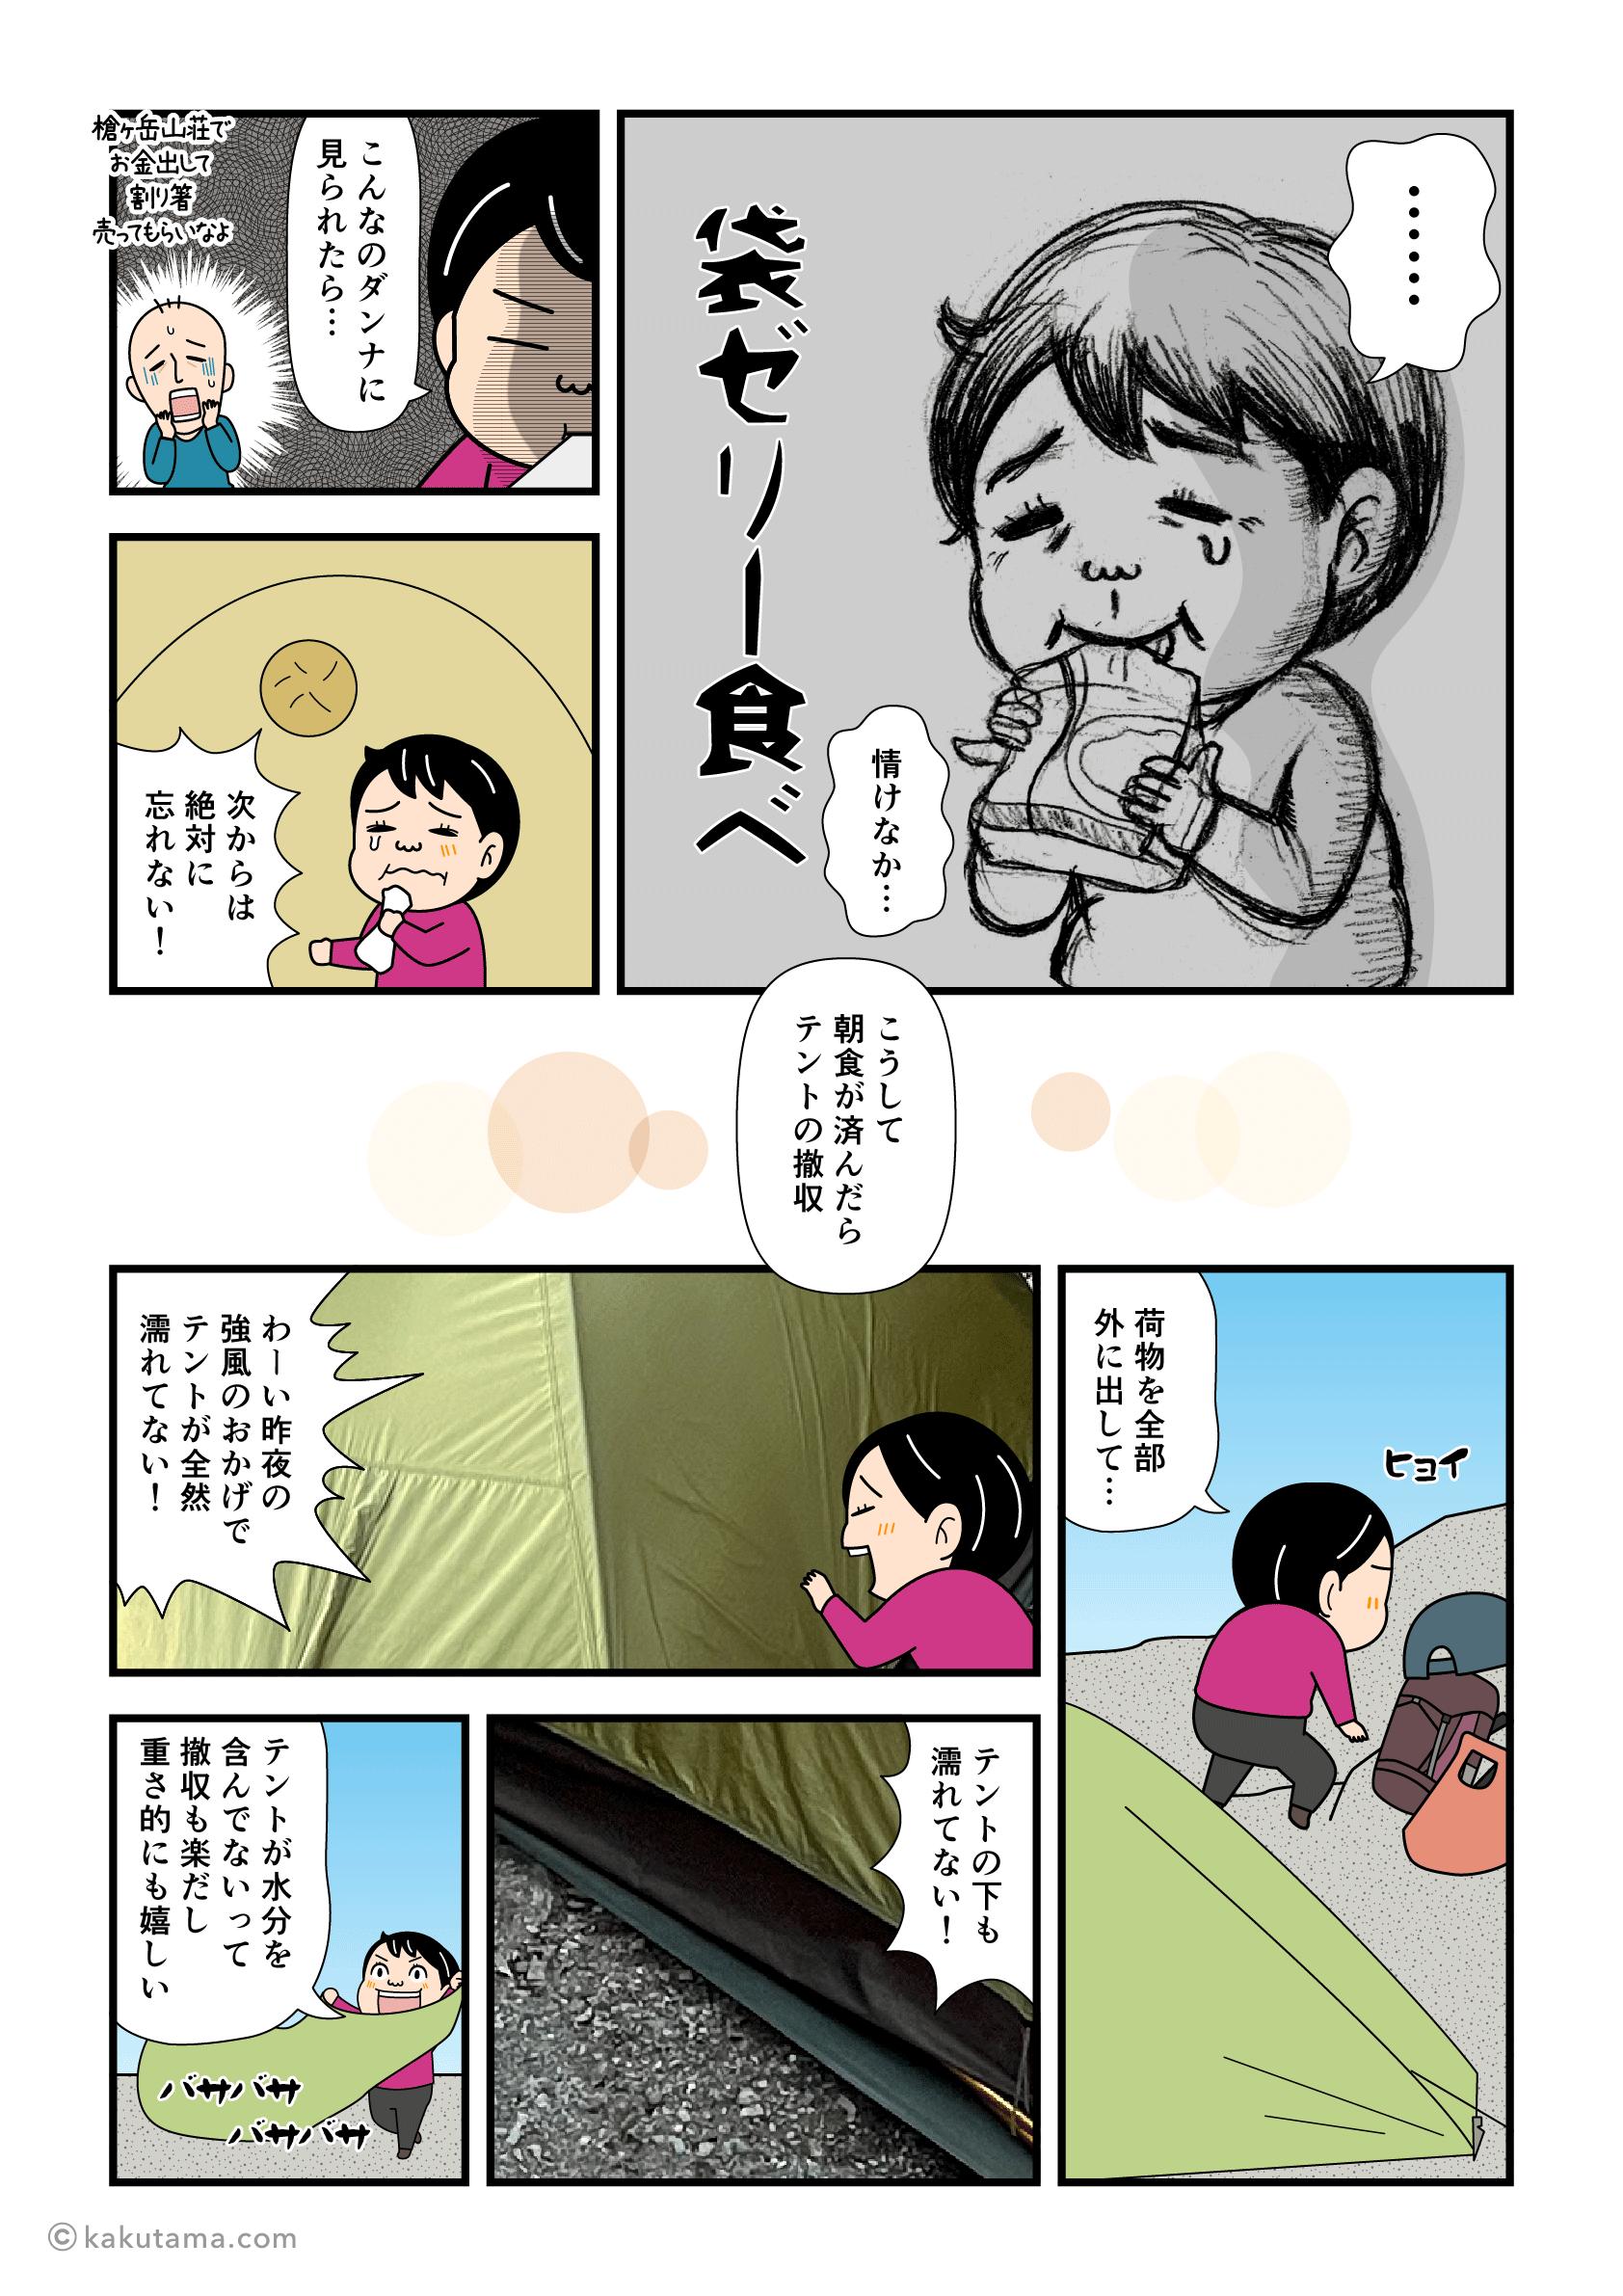 槍ヶ岳山荘テント場撤収の漫画